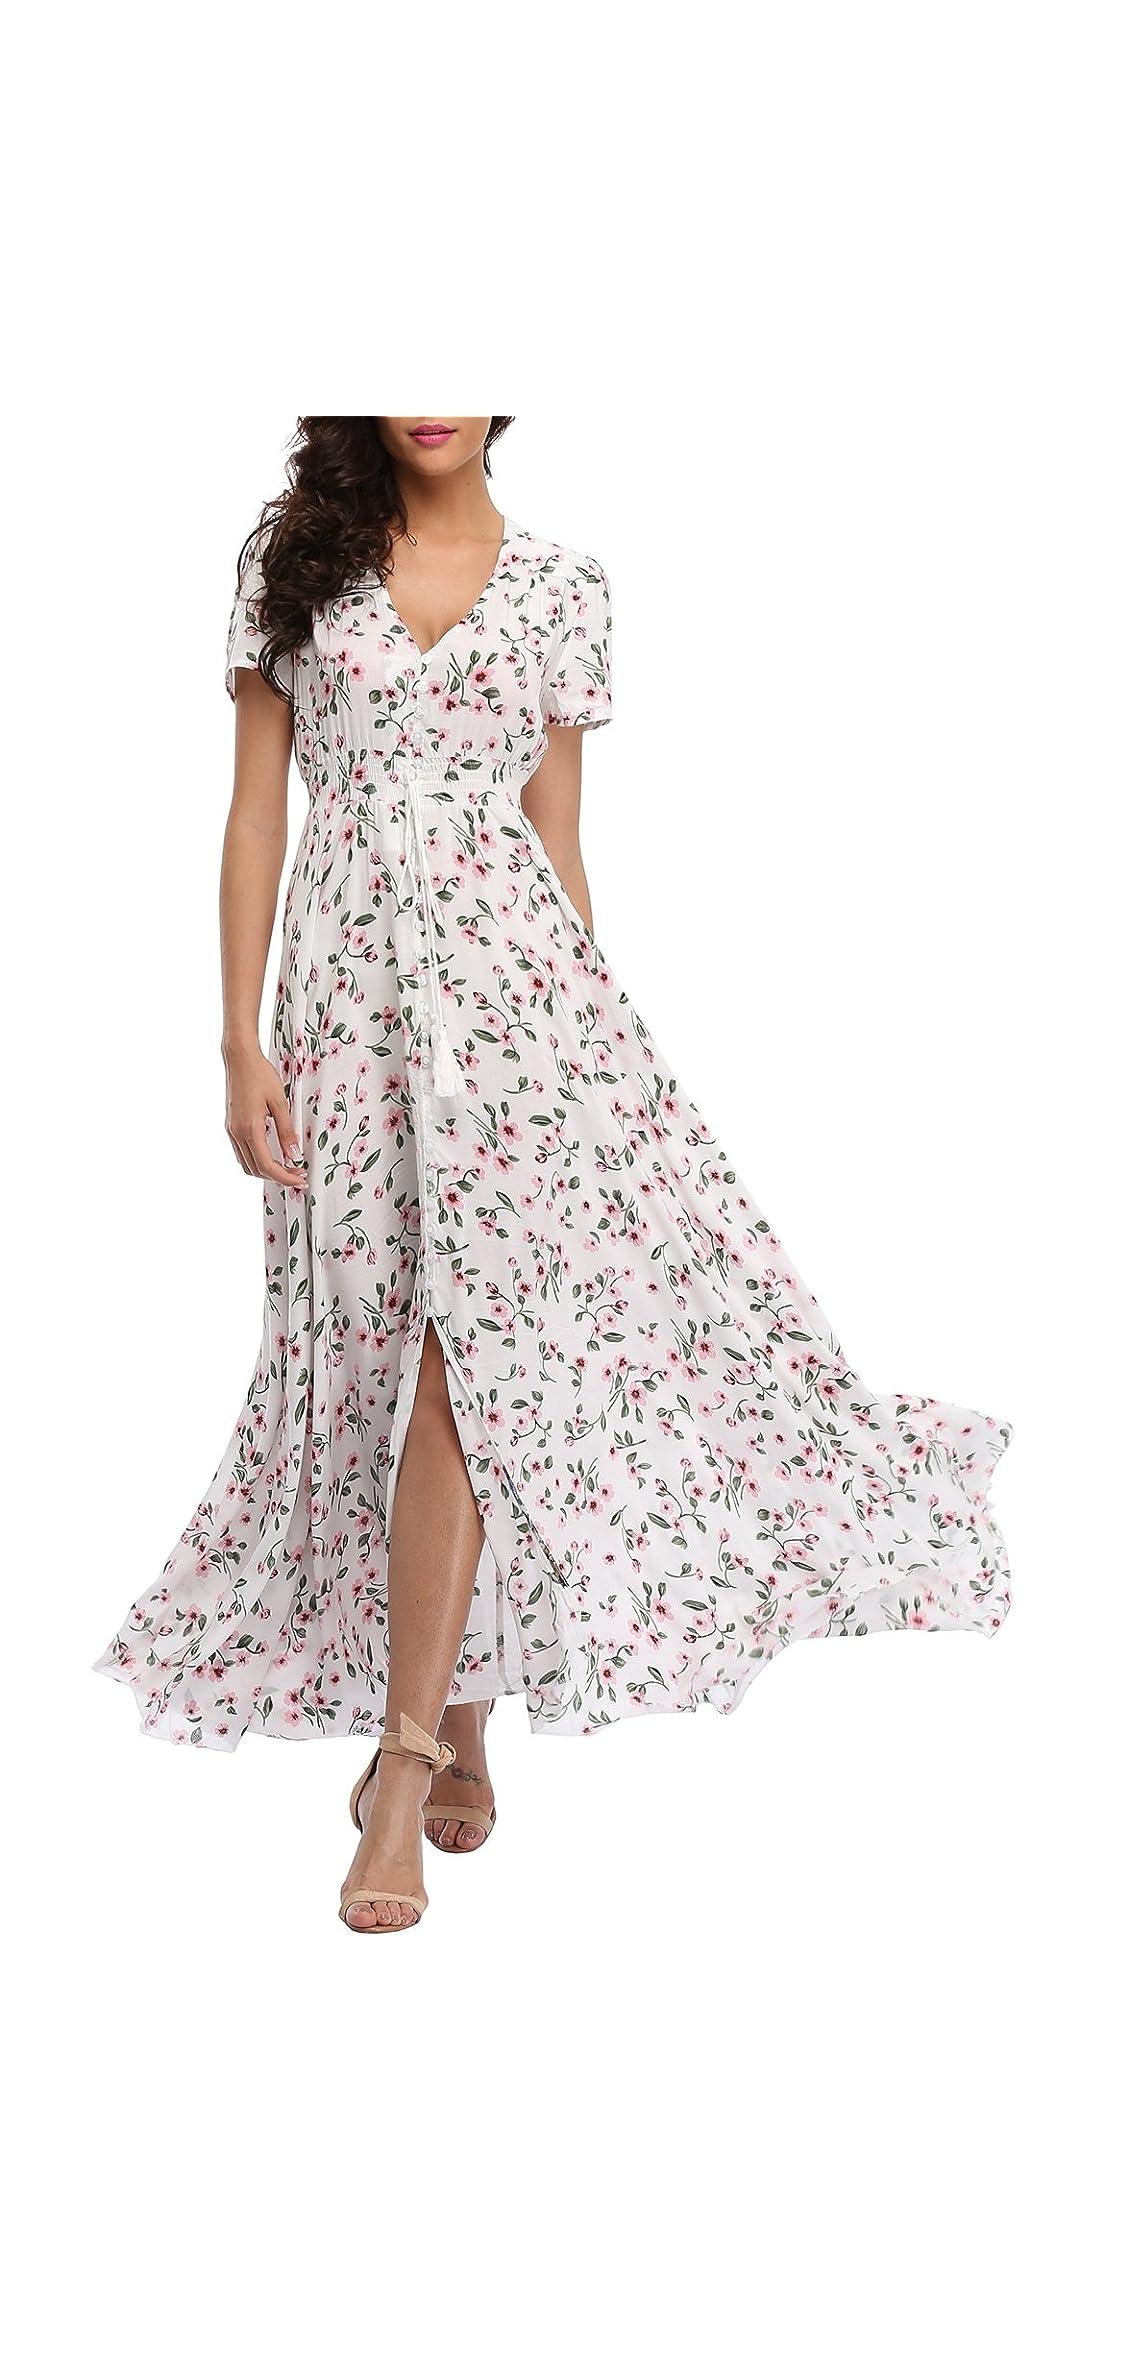 Women's Floral Maxi Dresses Boho Button Up Split